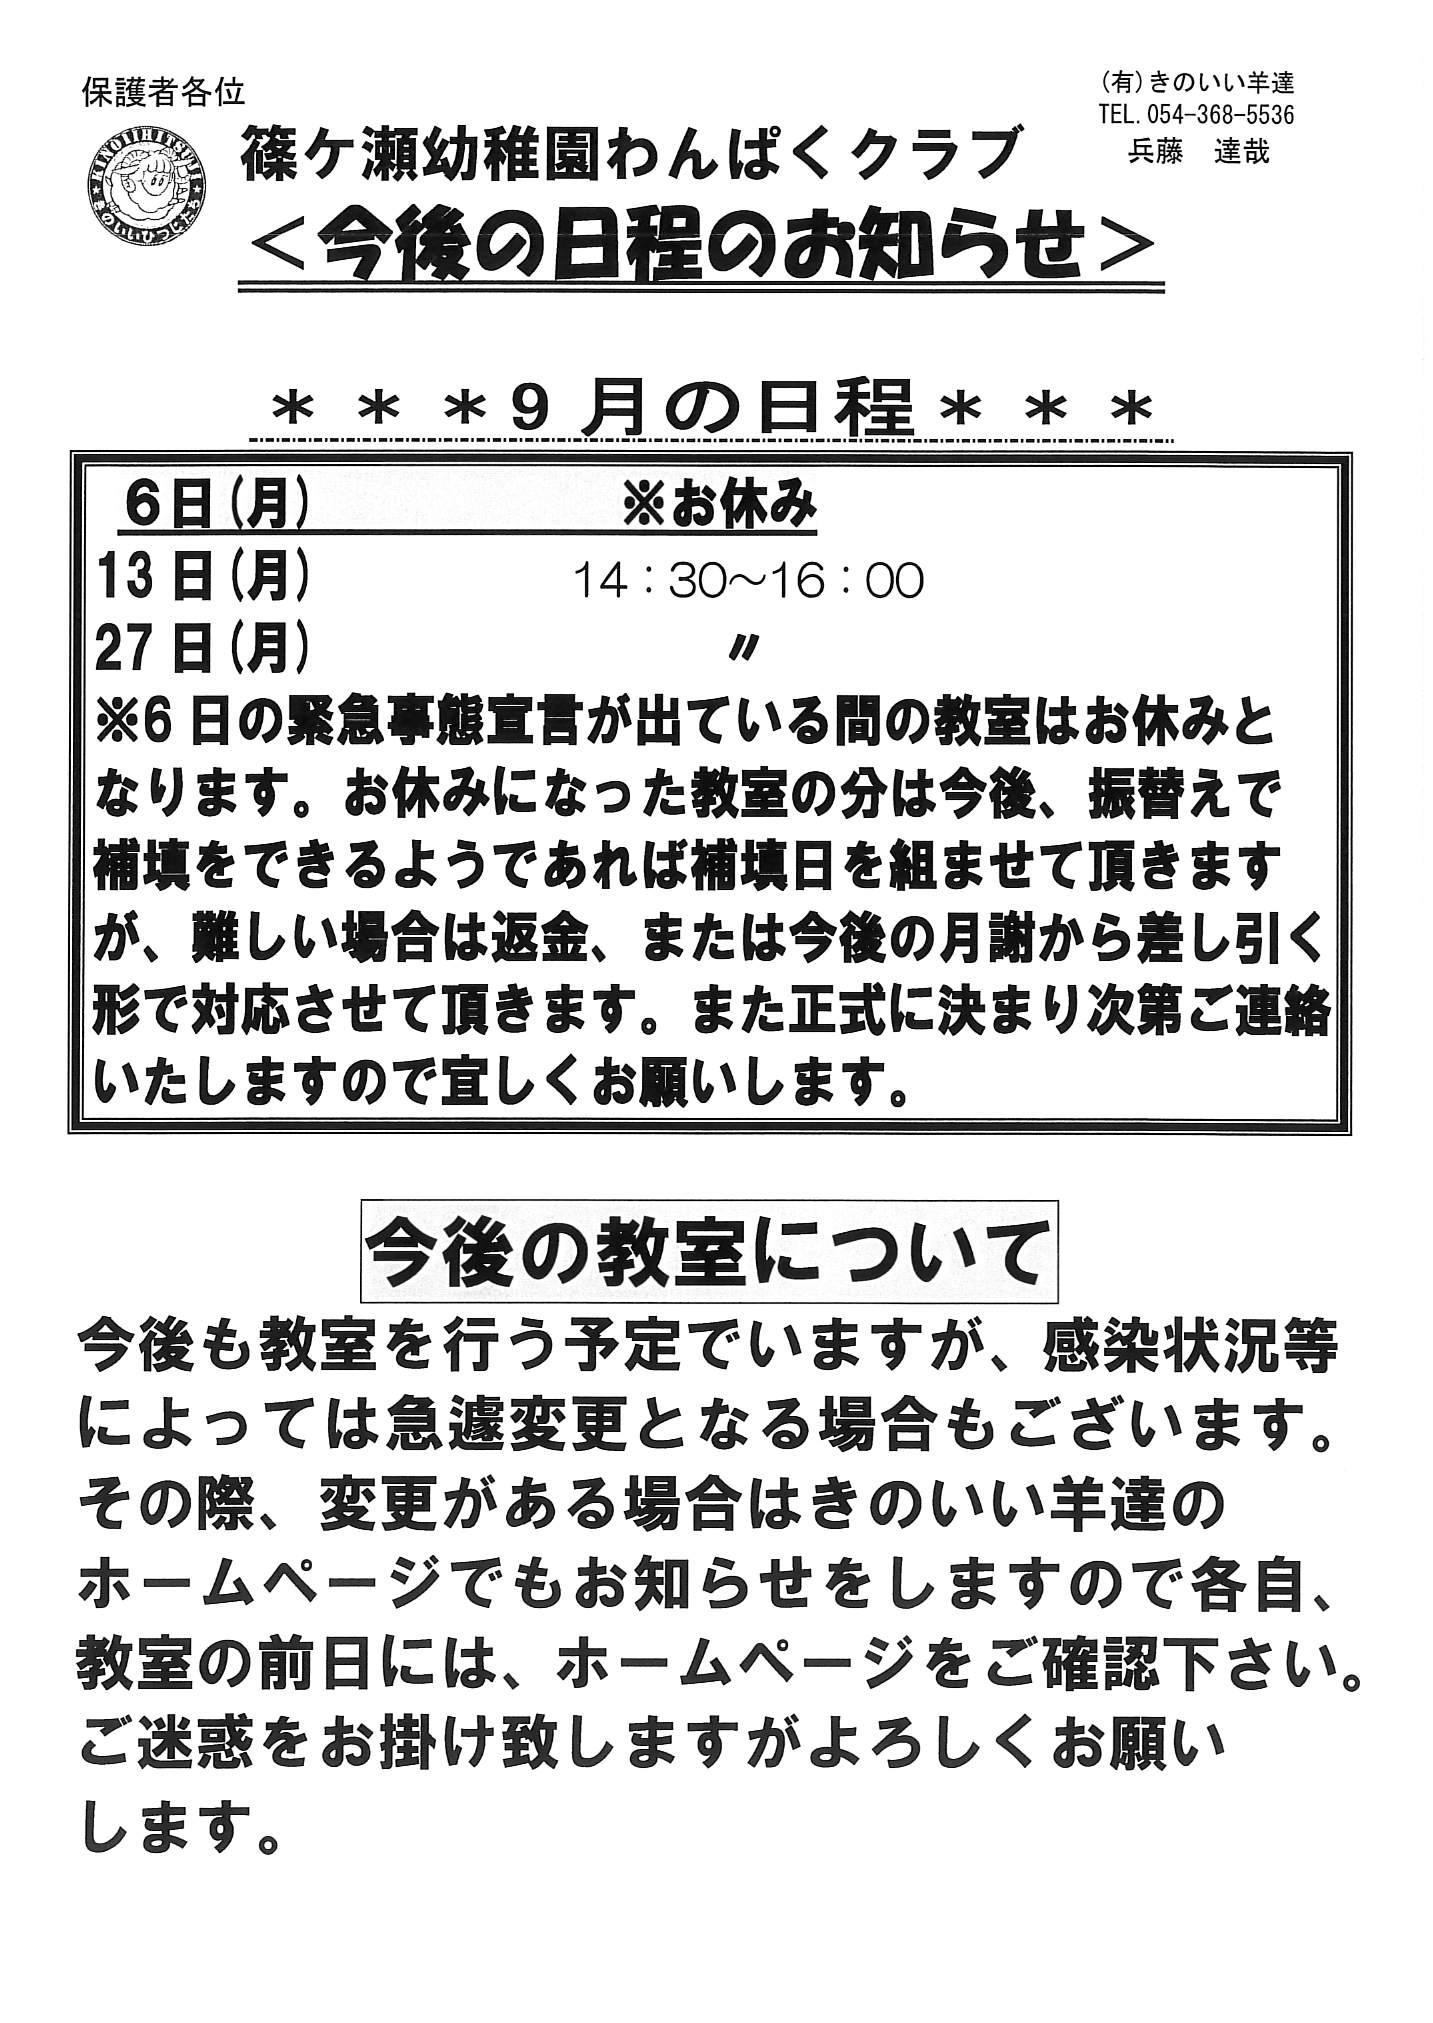 浜松 篠ヶ瀬幼稚園